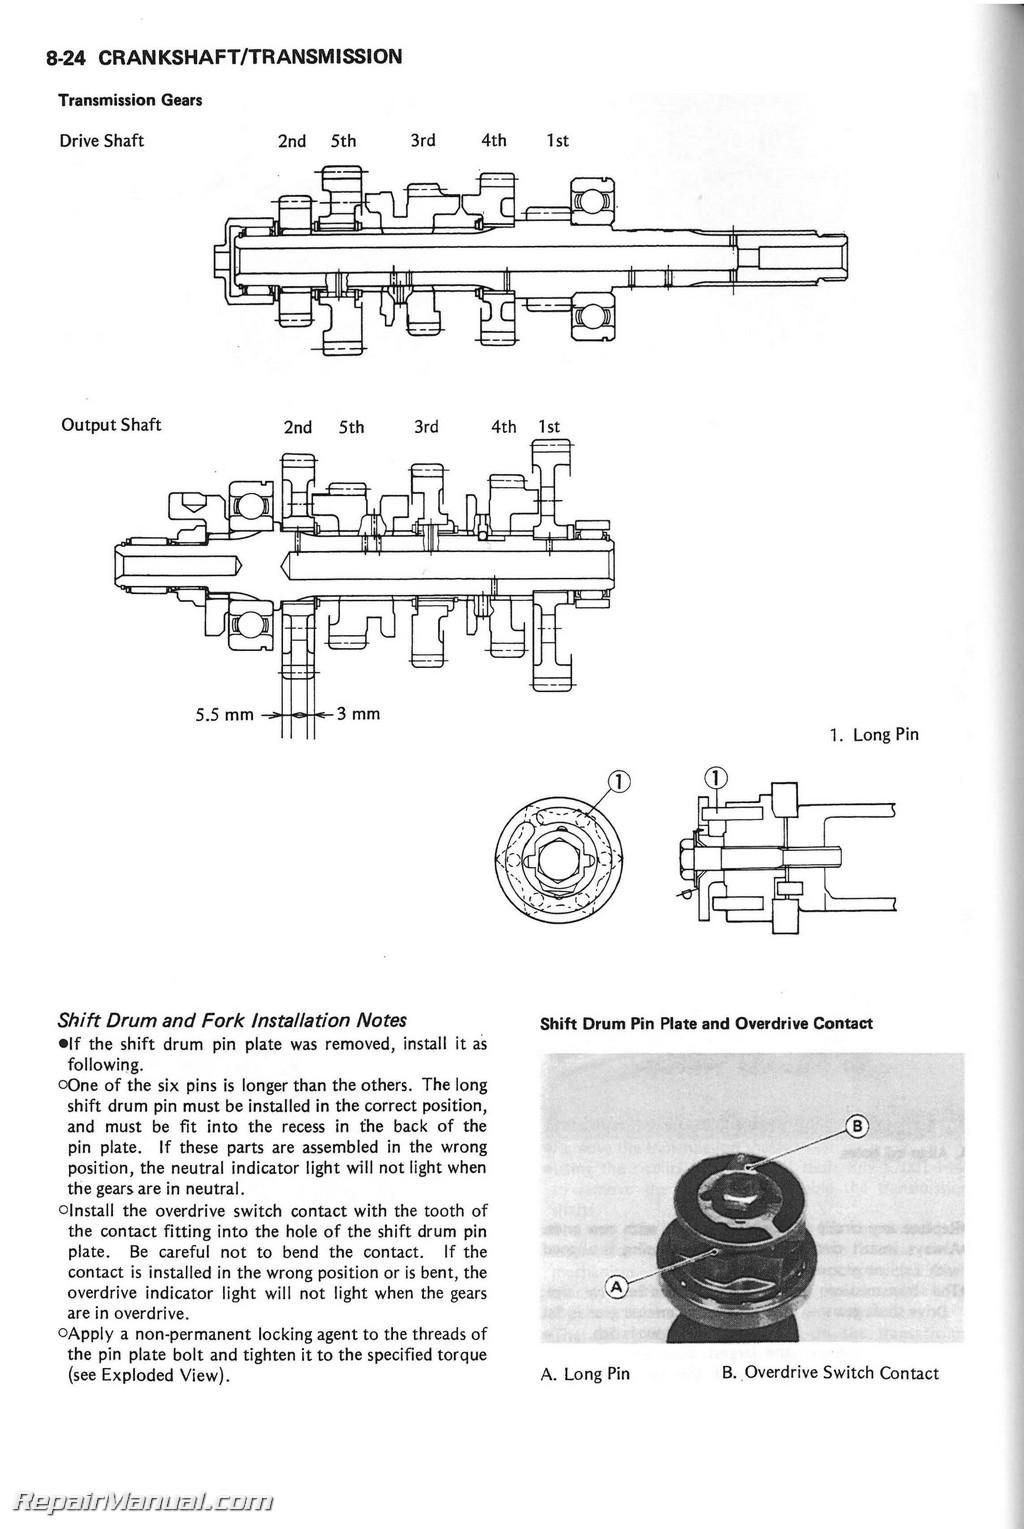 1994 Kawasaki Voyager Xii Engine Diagram Diy Enthusiasts Wiring 1986 Zg1200b Service Manual Rh Repairmanual Com Parts 2003